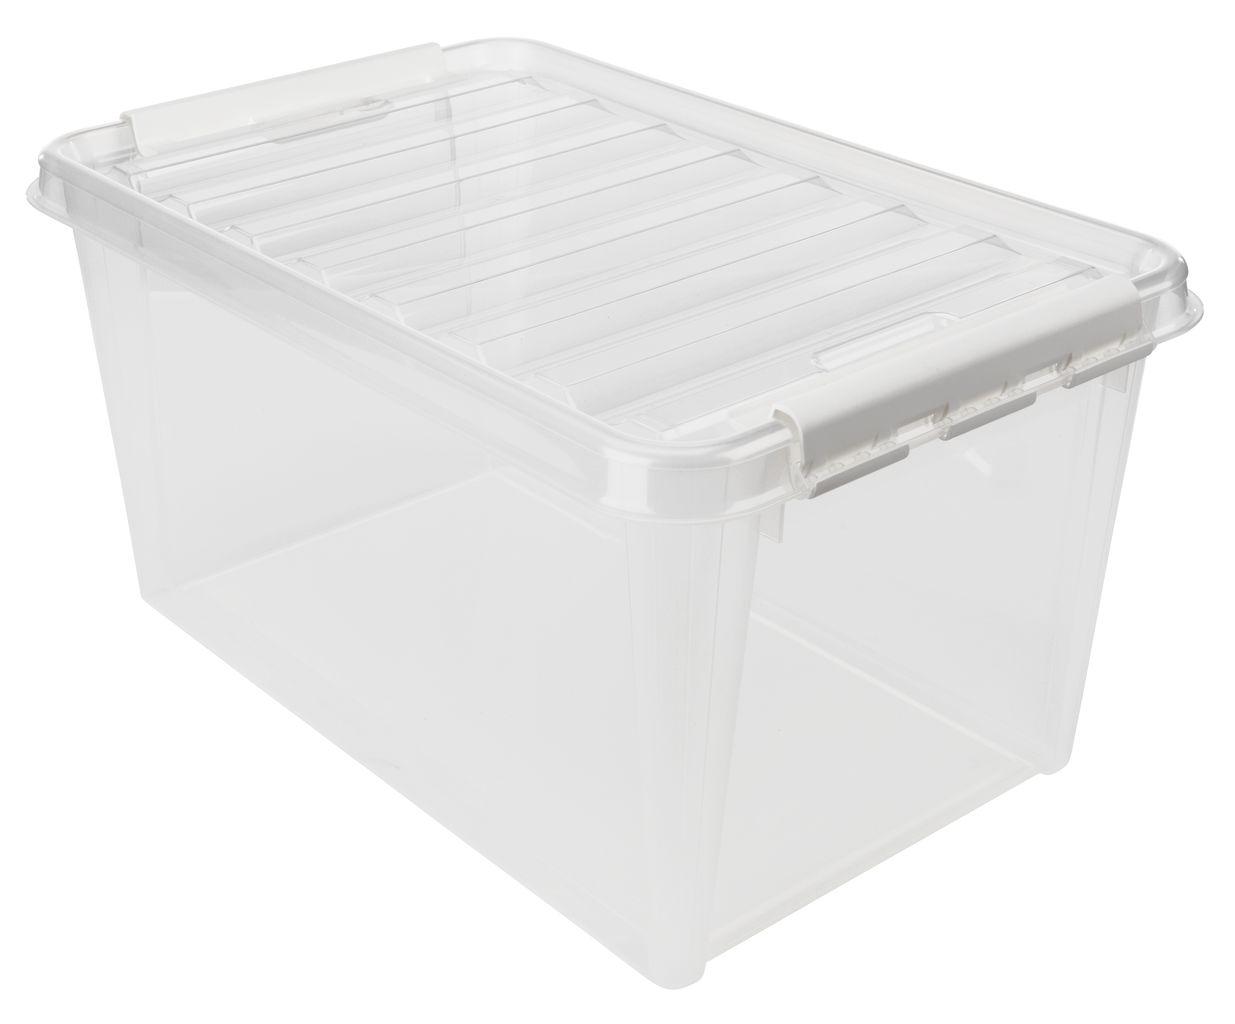 Opbergbox SMARTSTORE classic 45 mdeksel  JYSK